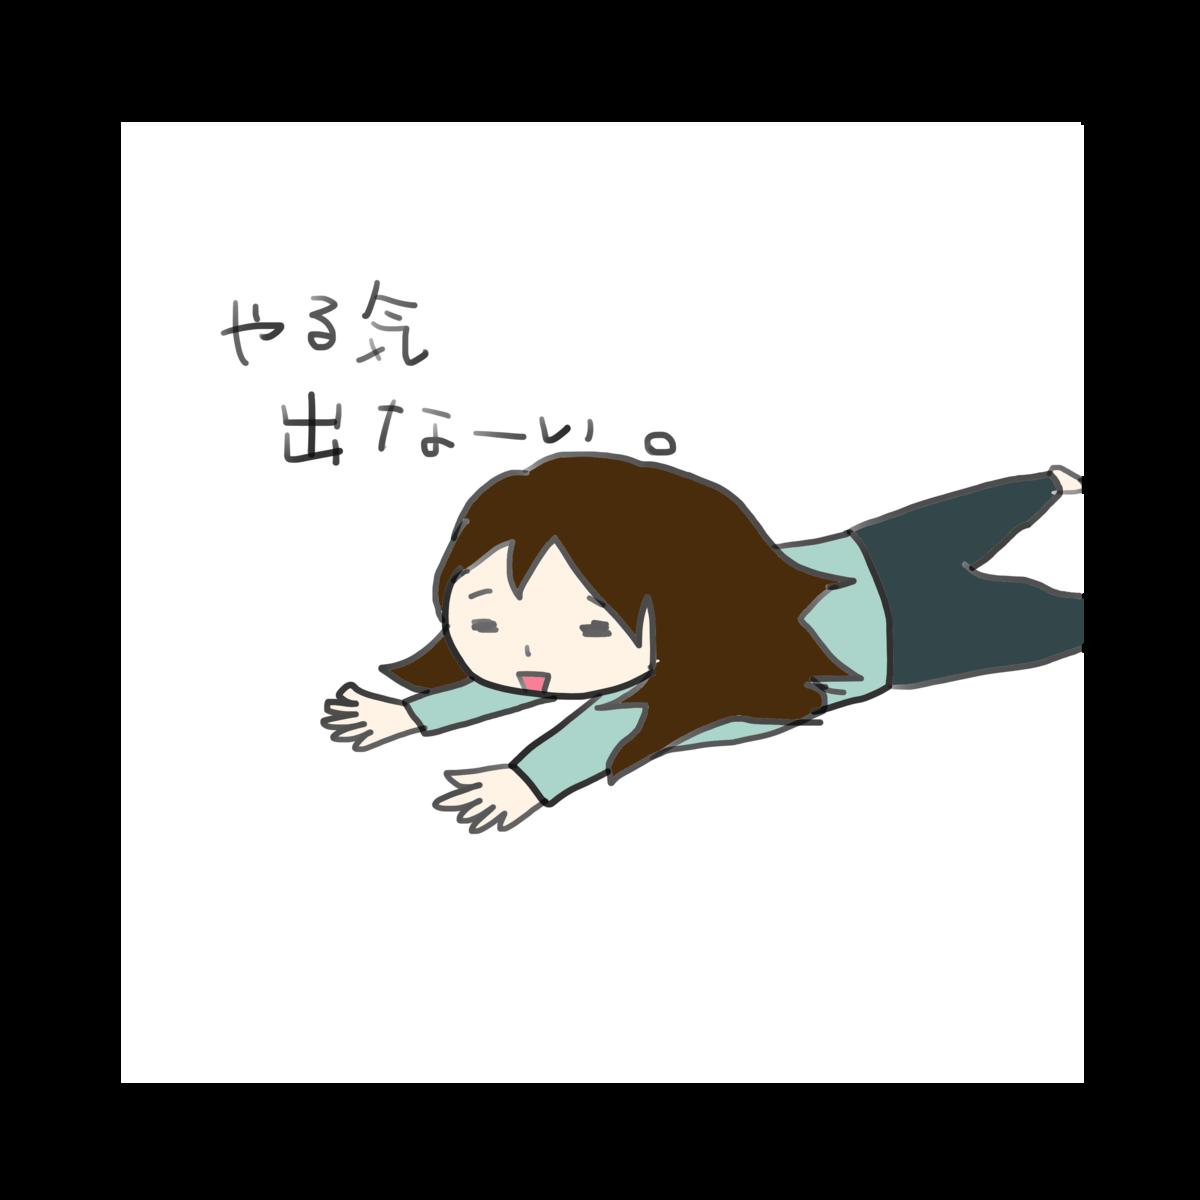 f:id:usuisachiyo28:20190613153943p:plain